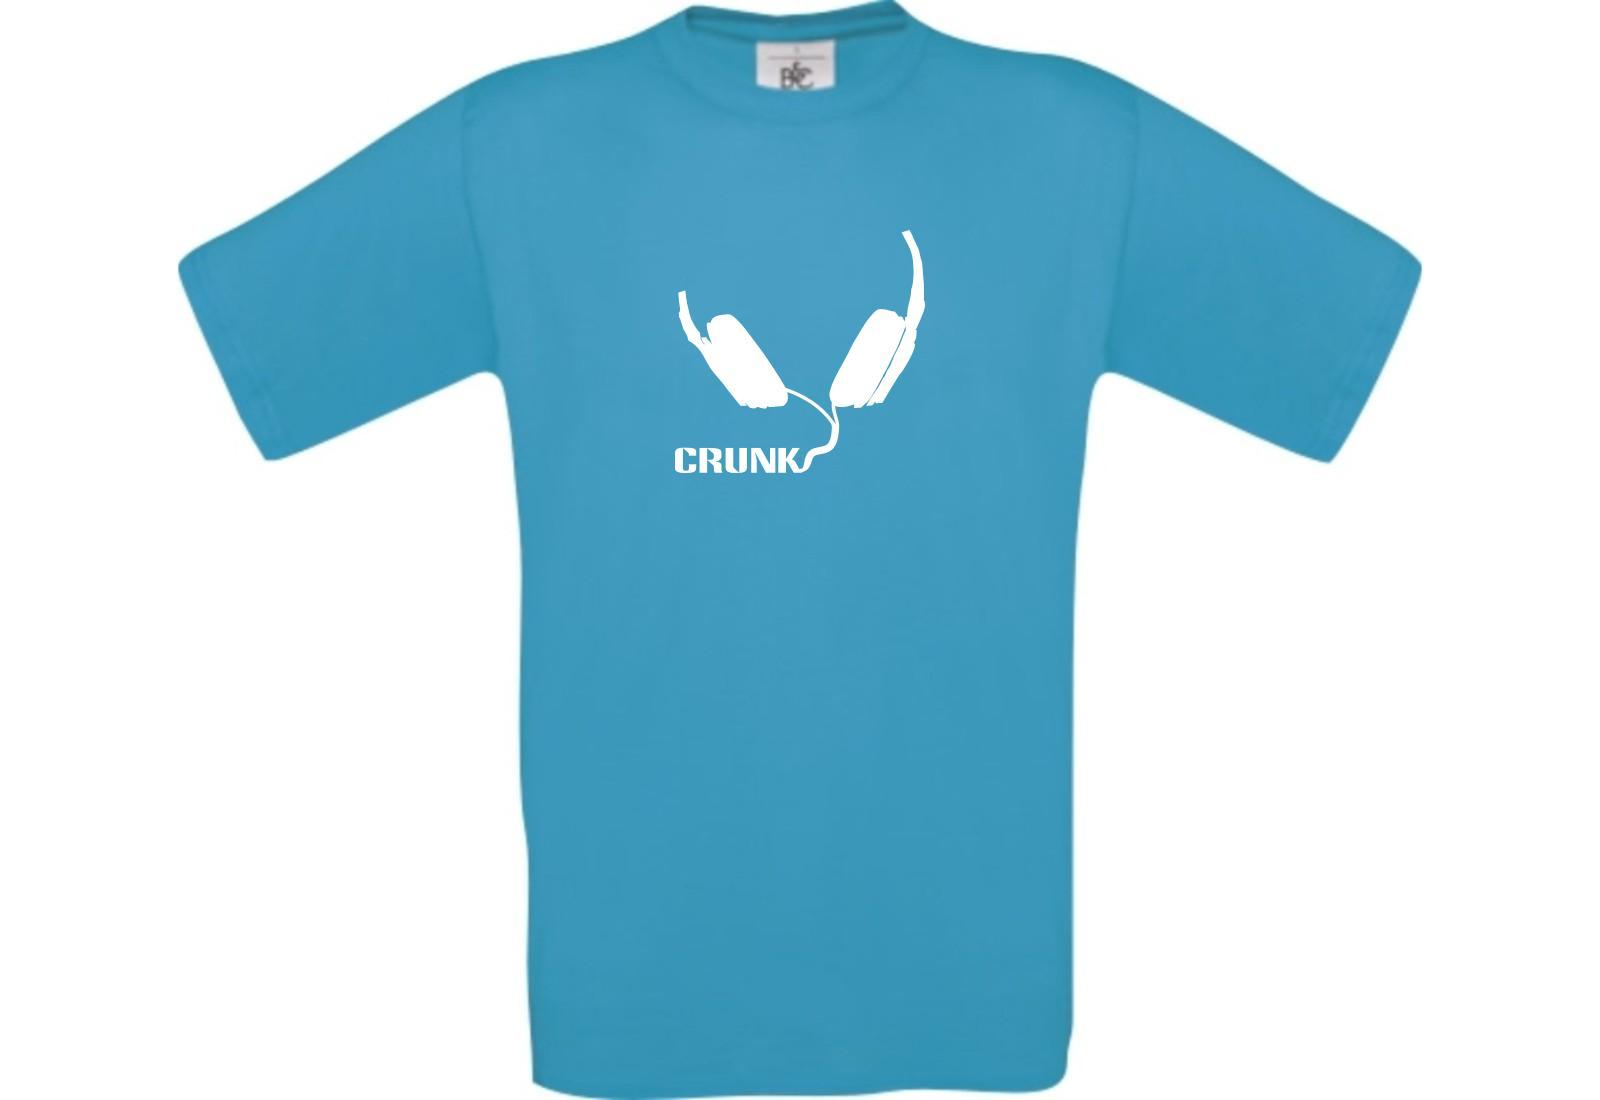 T-Shirt-Crunk-Musik-Kopfhoerer-Headphone-DJ-Kult-Music-kult